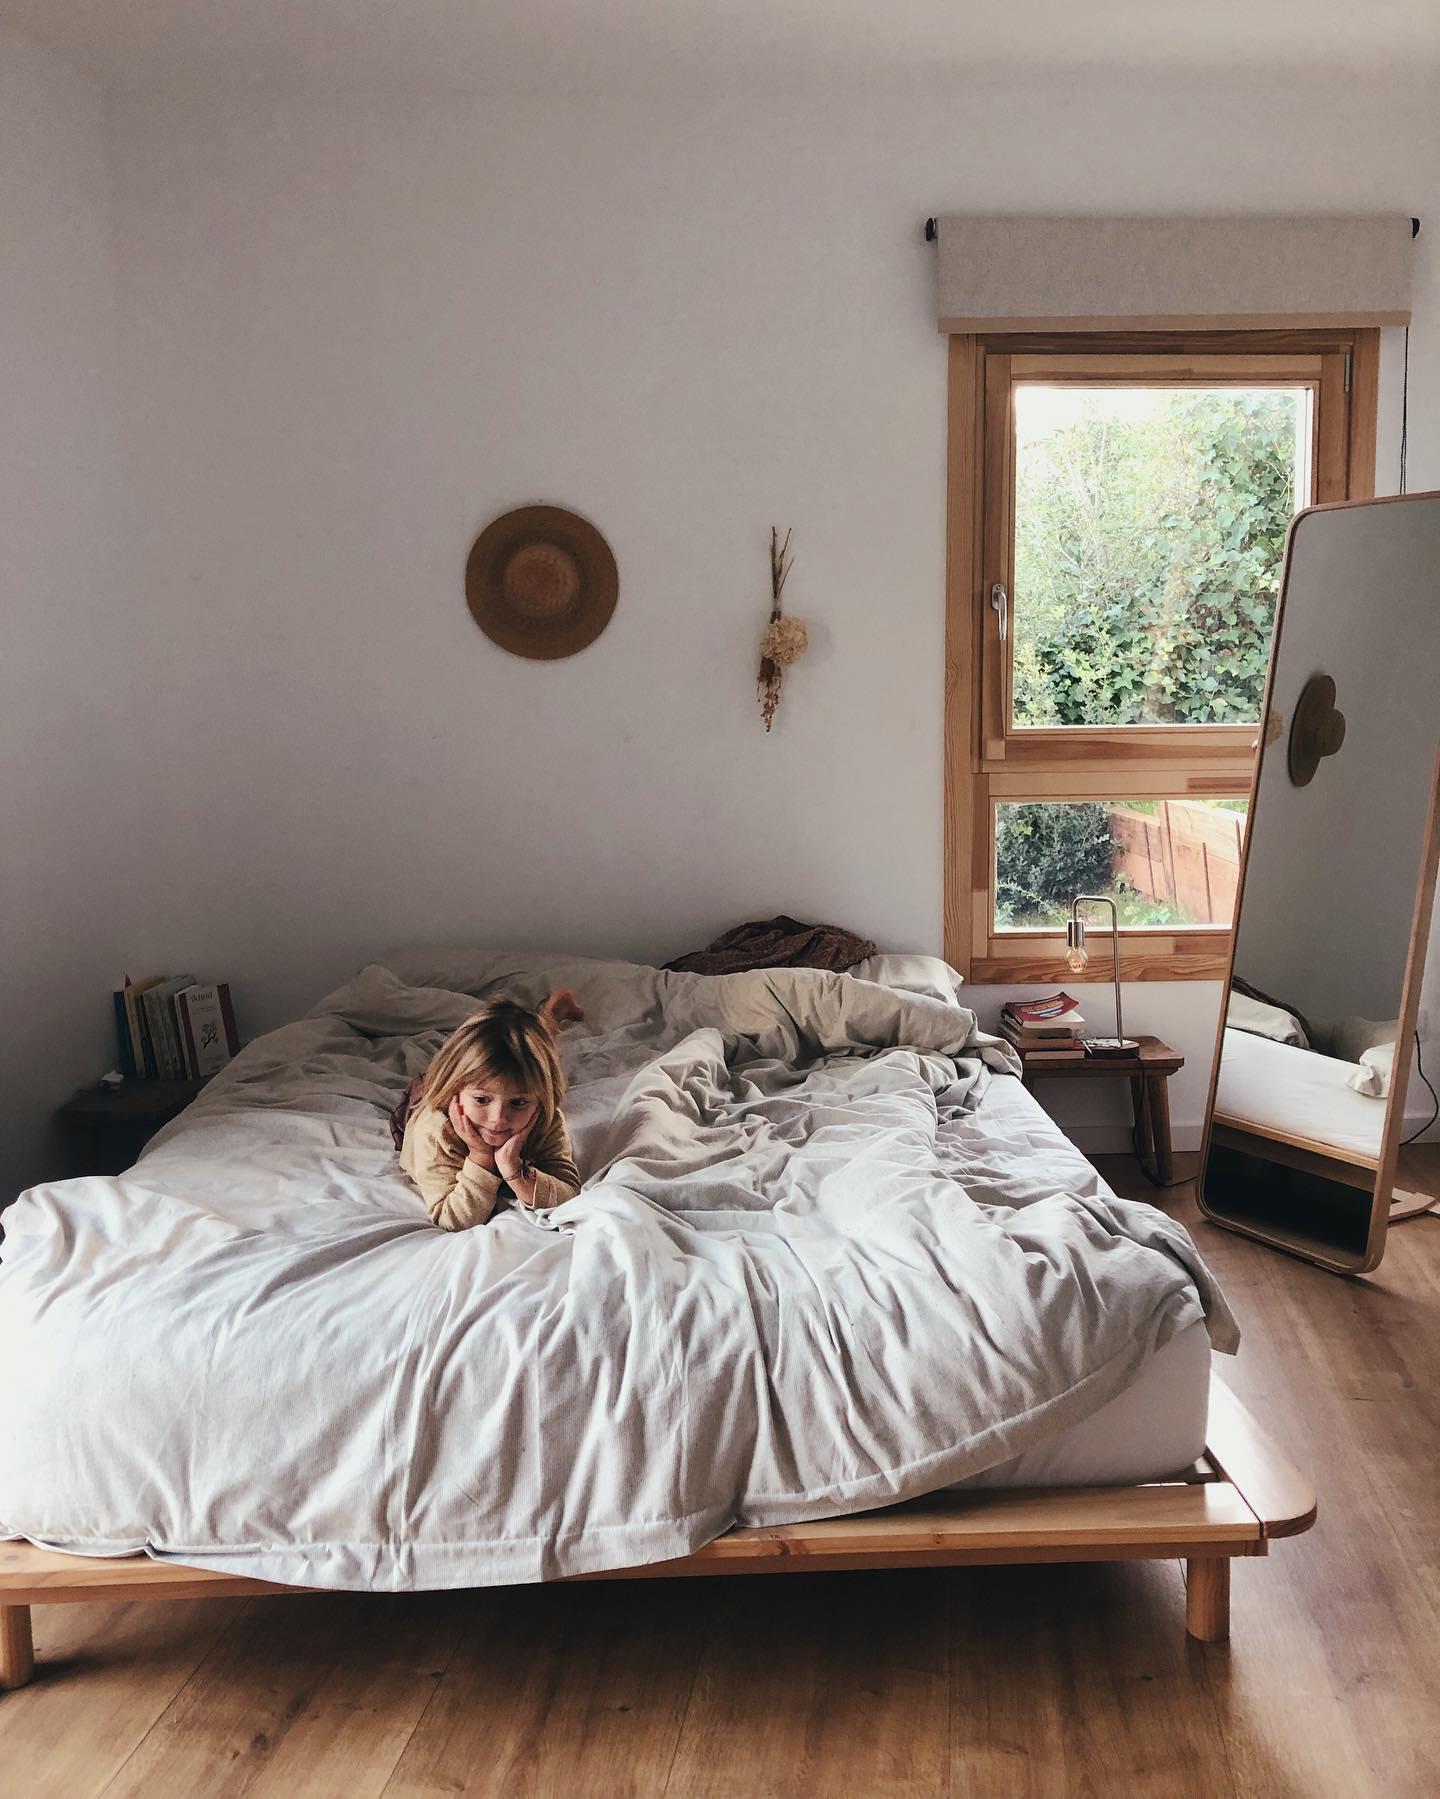 Full Size of Betten Mit Aufbewahrung Ikea 140x200 90x200 Bett 160x200 Vakuum 120x200 Aufbewahrungstasche Stauraum Made Essentials Kano Holzbett 160 200 Cm Badezimmer Bett Betten Mit Aufbewahrung